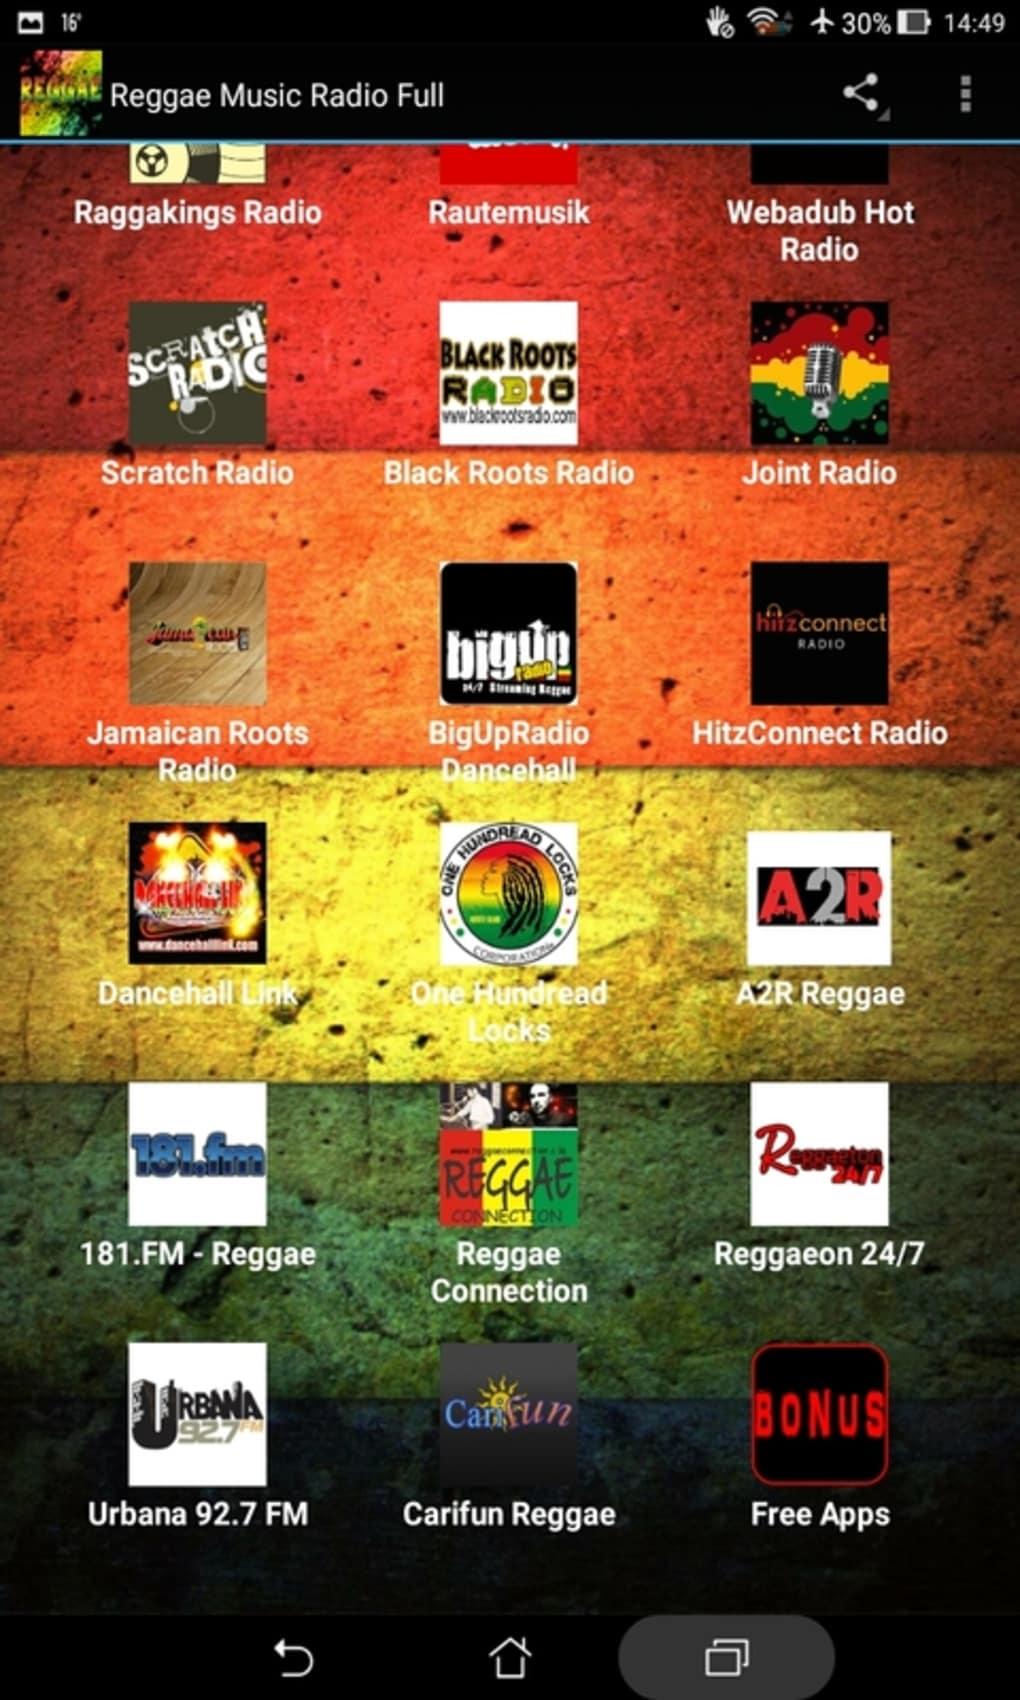 Reggae Music Radio Full